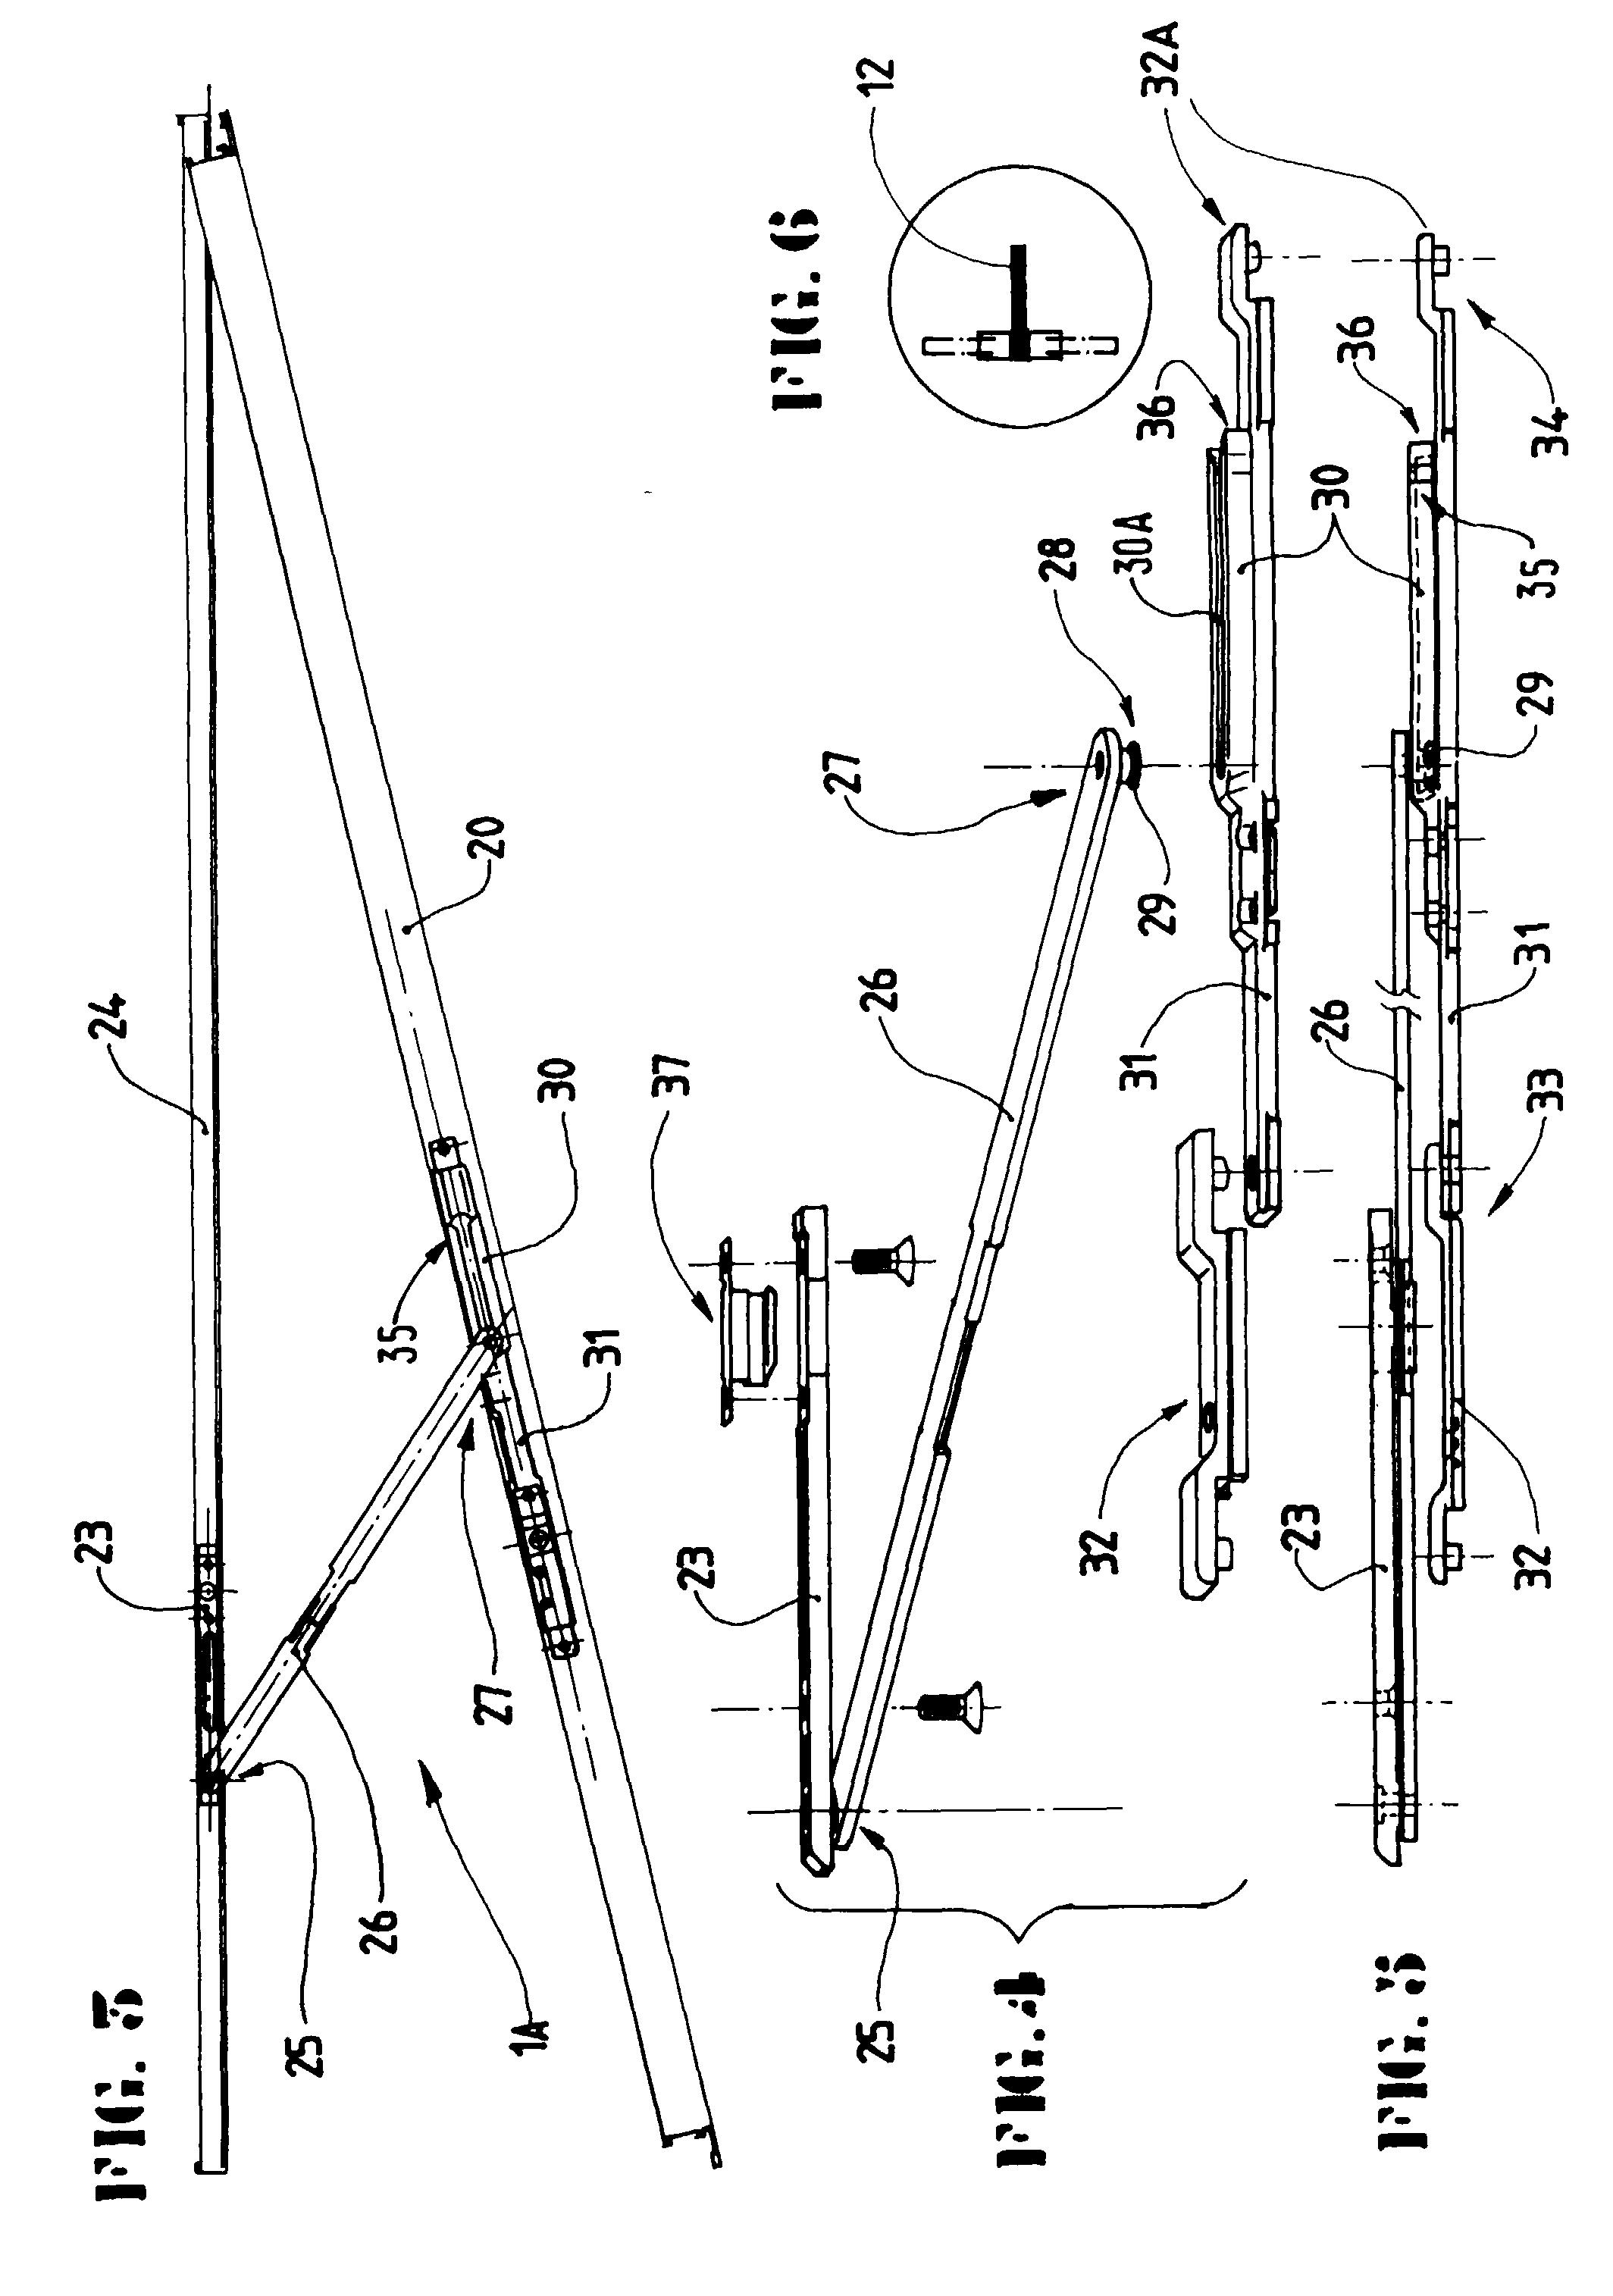 Patent Ep0770751b1 Dispositif De Maintien D 39 Un Ouvrant Dans Une Position Entreb Ill E Google